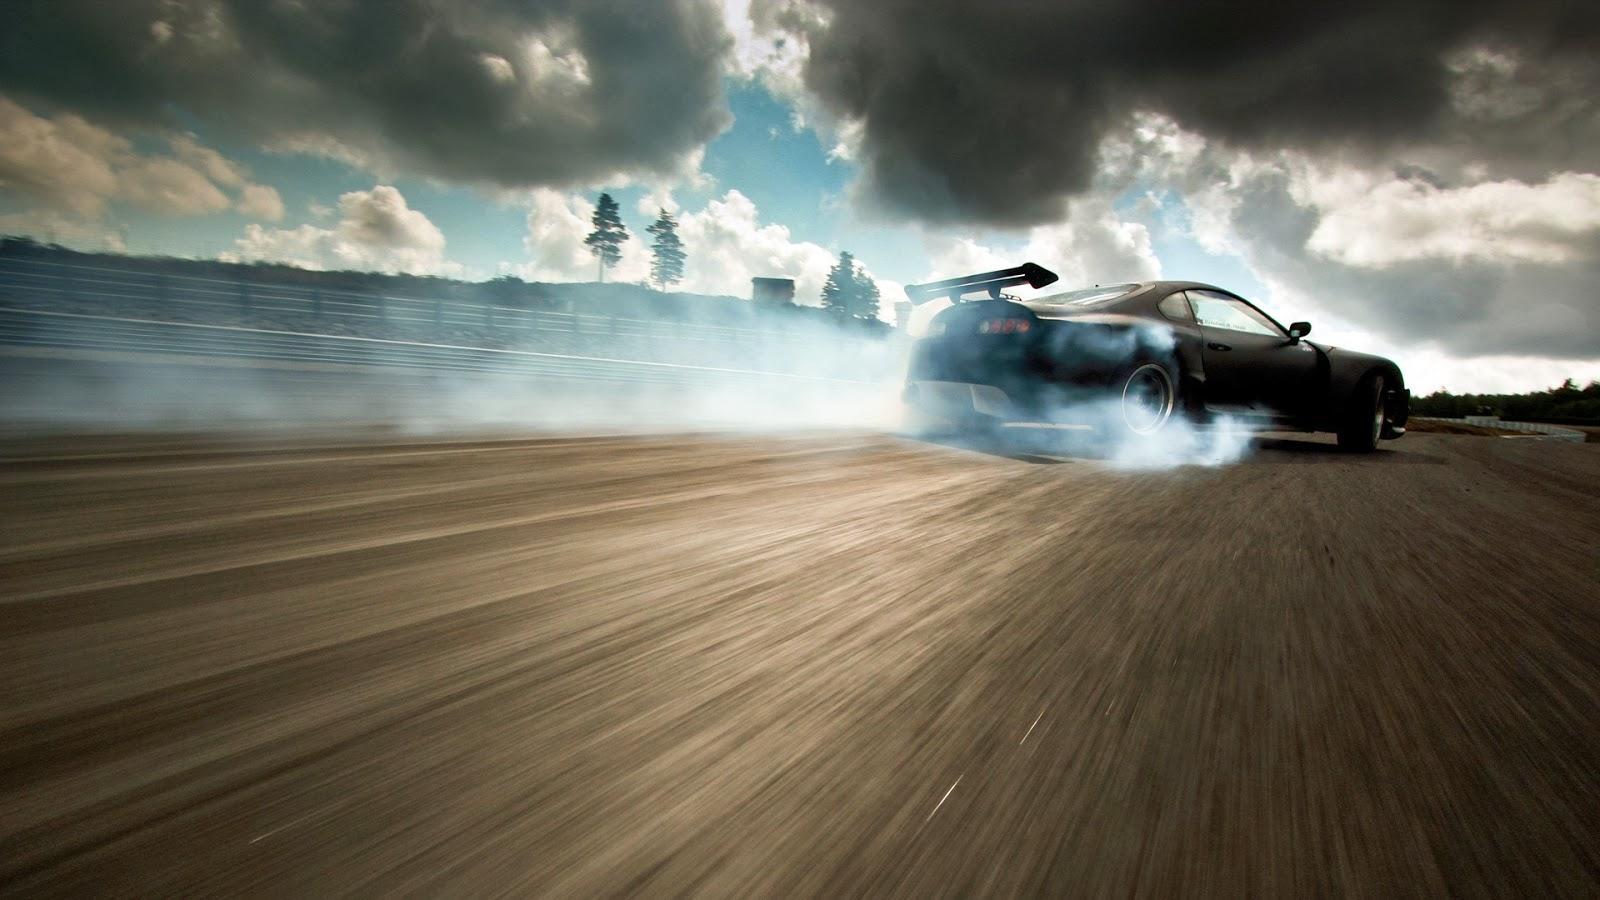 http://3.bp.blogspot.com/-i1PMY2Hmung/UxZOYY9kUCI/AAAAAAAAYnU/m888eM-d_ak/s1600/drift-drifting-car-389395.jpg